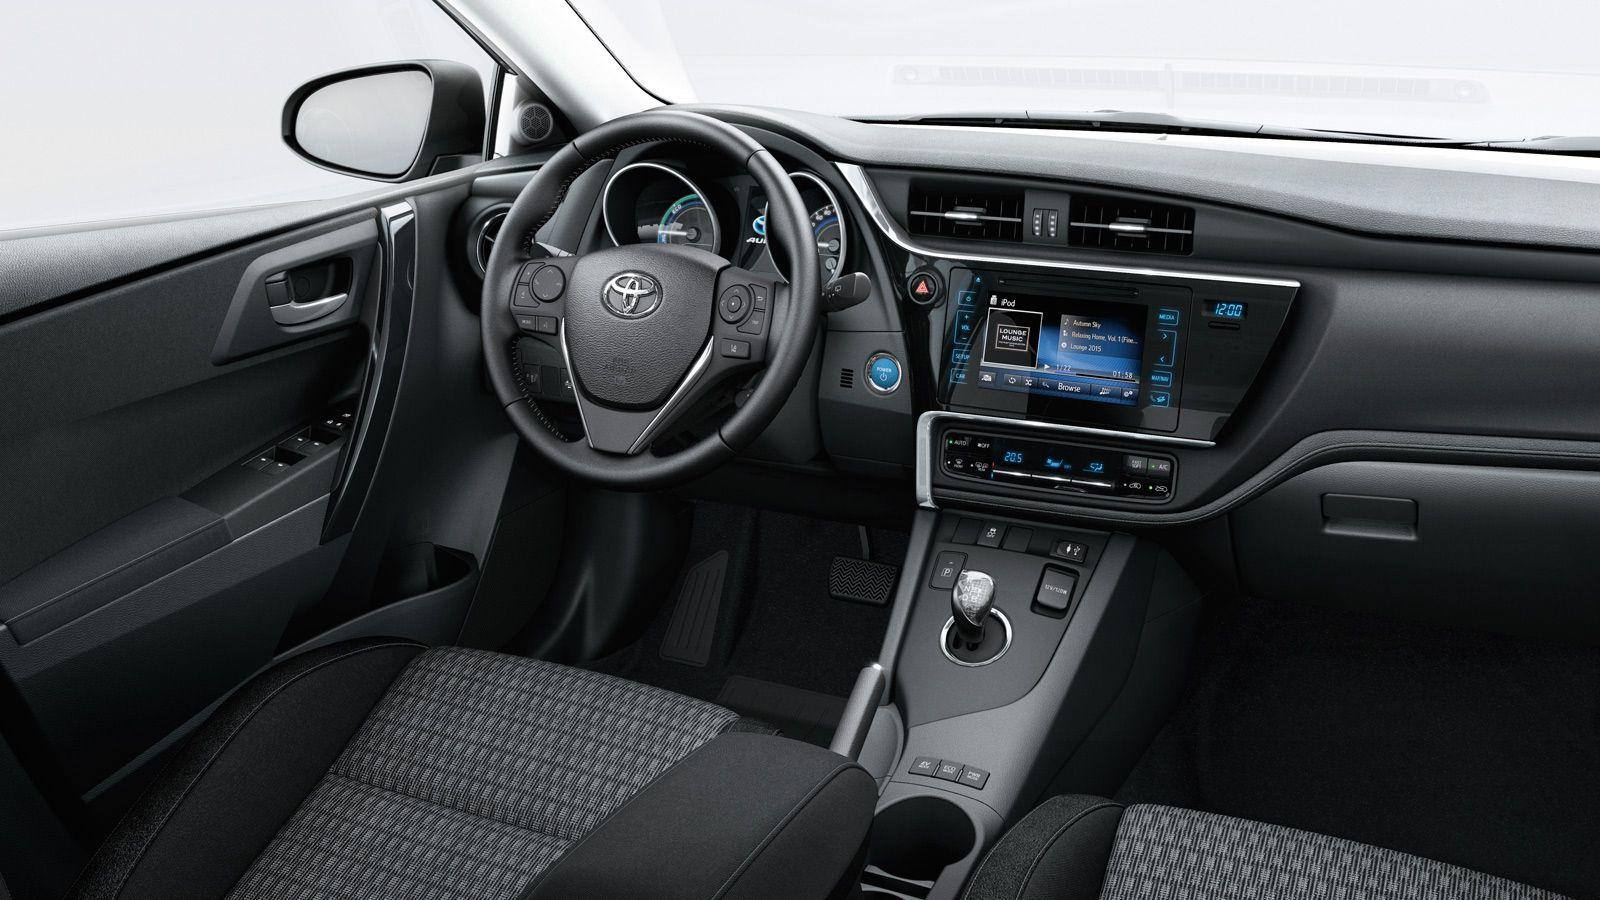 ¿Quieres comprar un Toyota Auris? Descubre acabados y precios de híbrido, diesel o gasolina. Configura tu coche y solicita una prueba en tu concesionario.